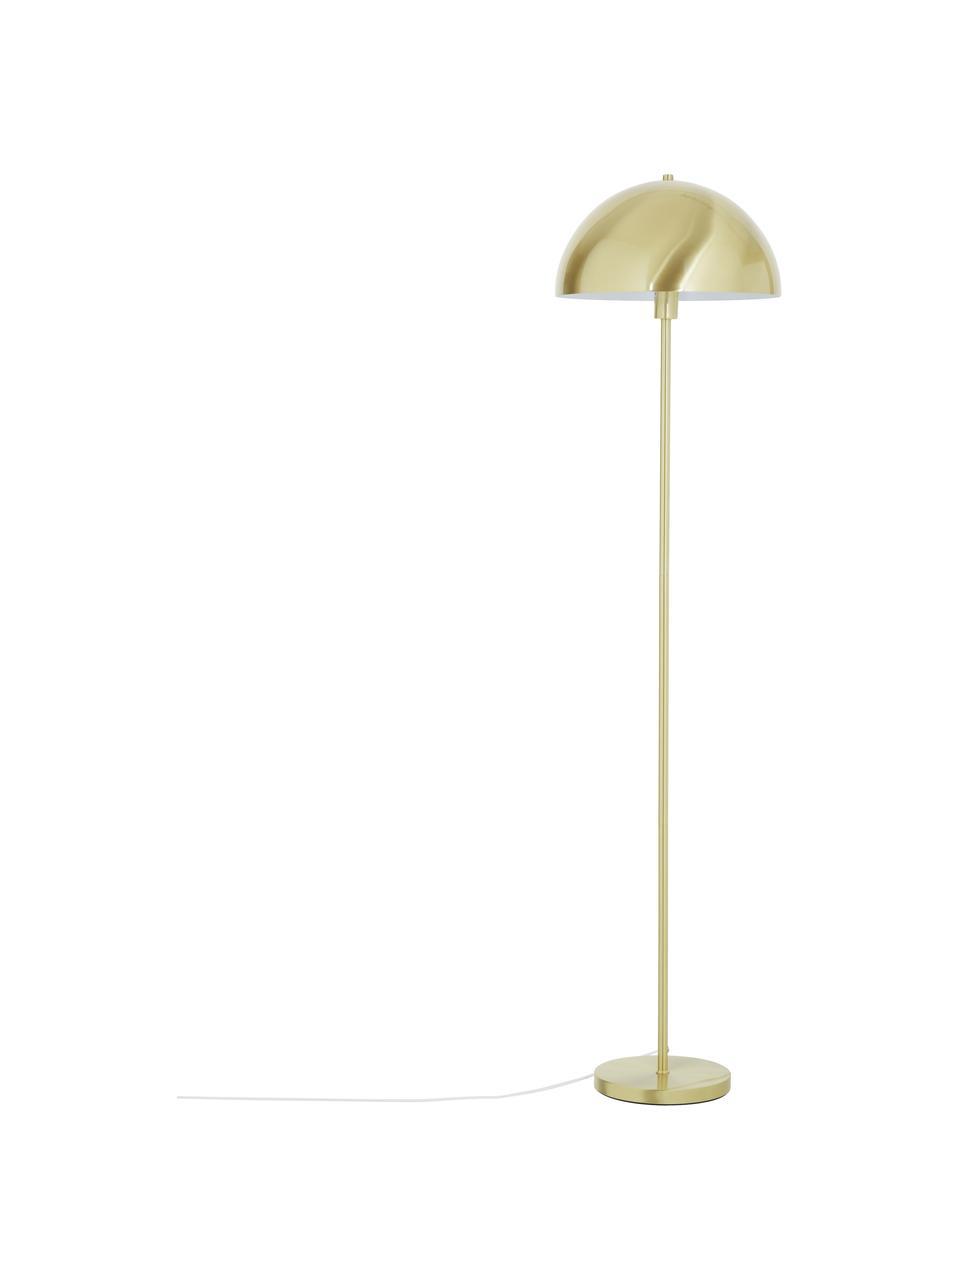 Lampadaire moderne doré Matilda, Couleur laitonnée